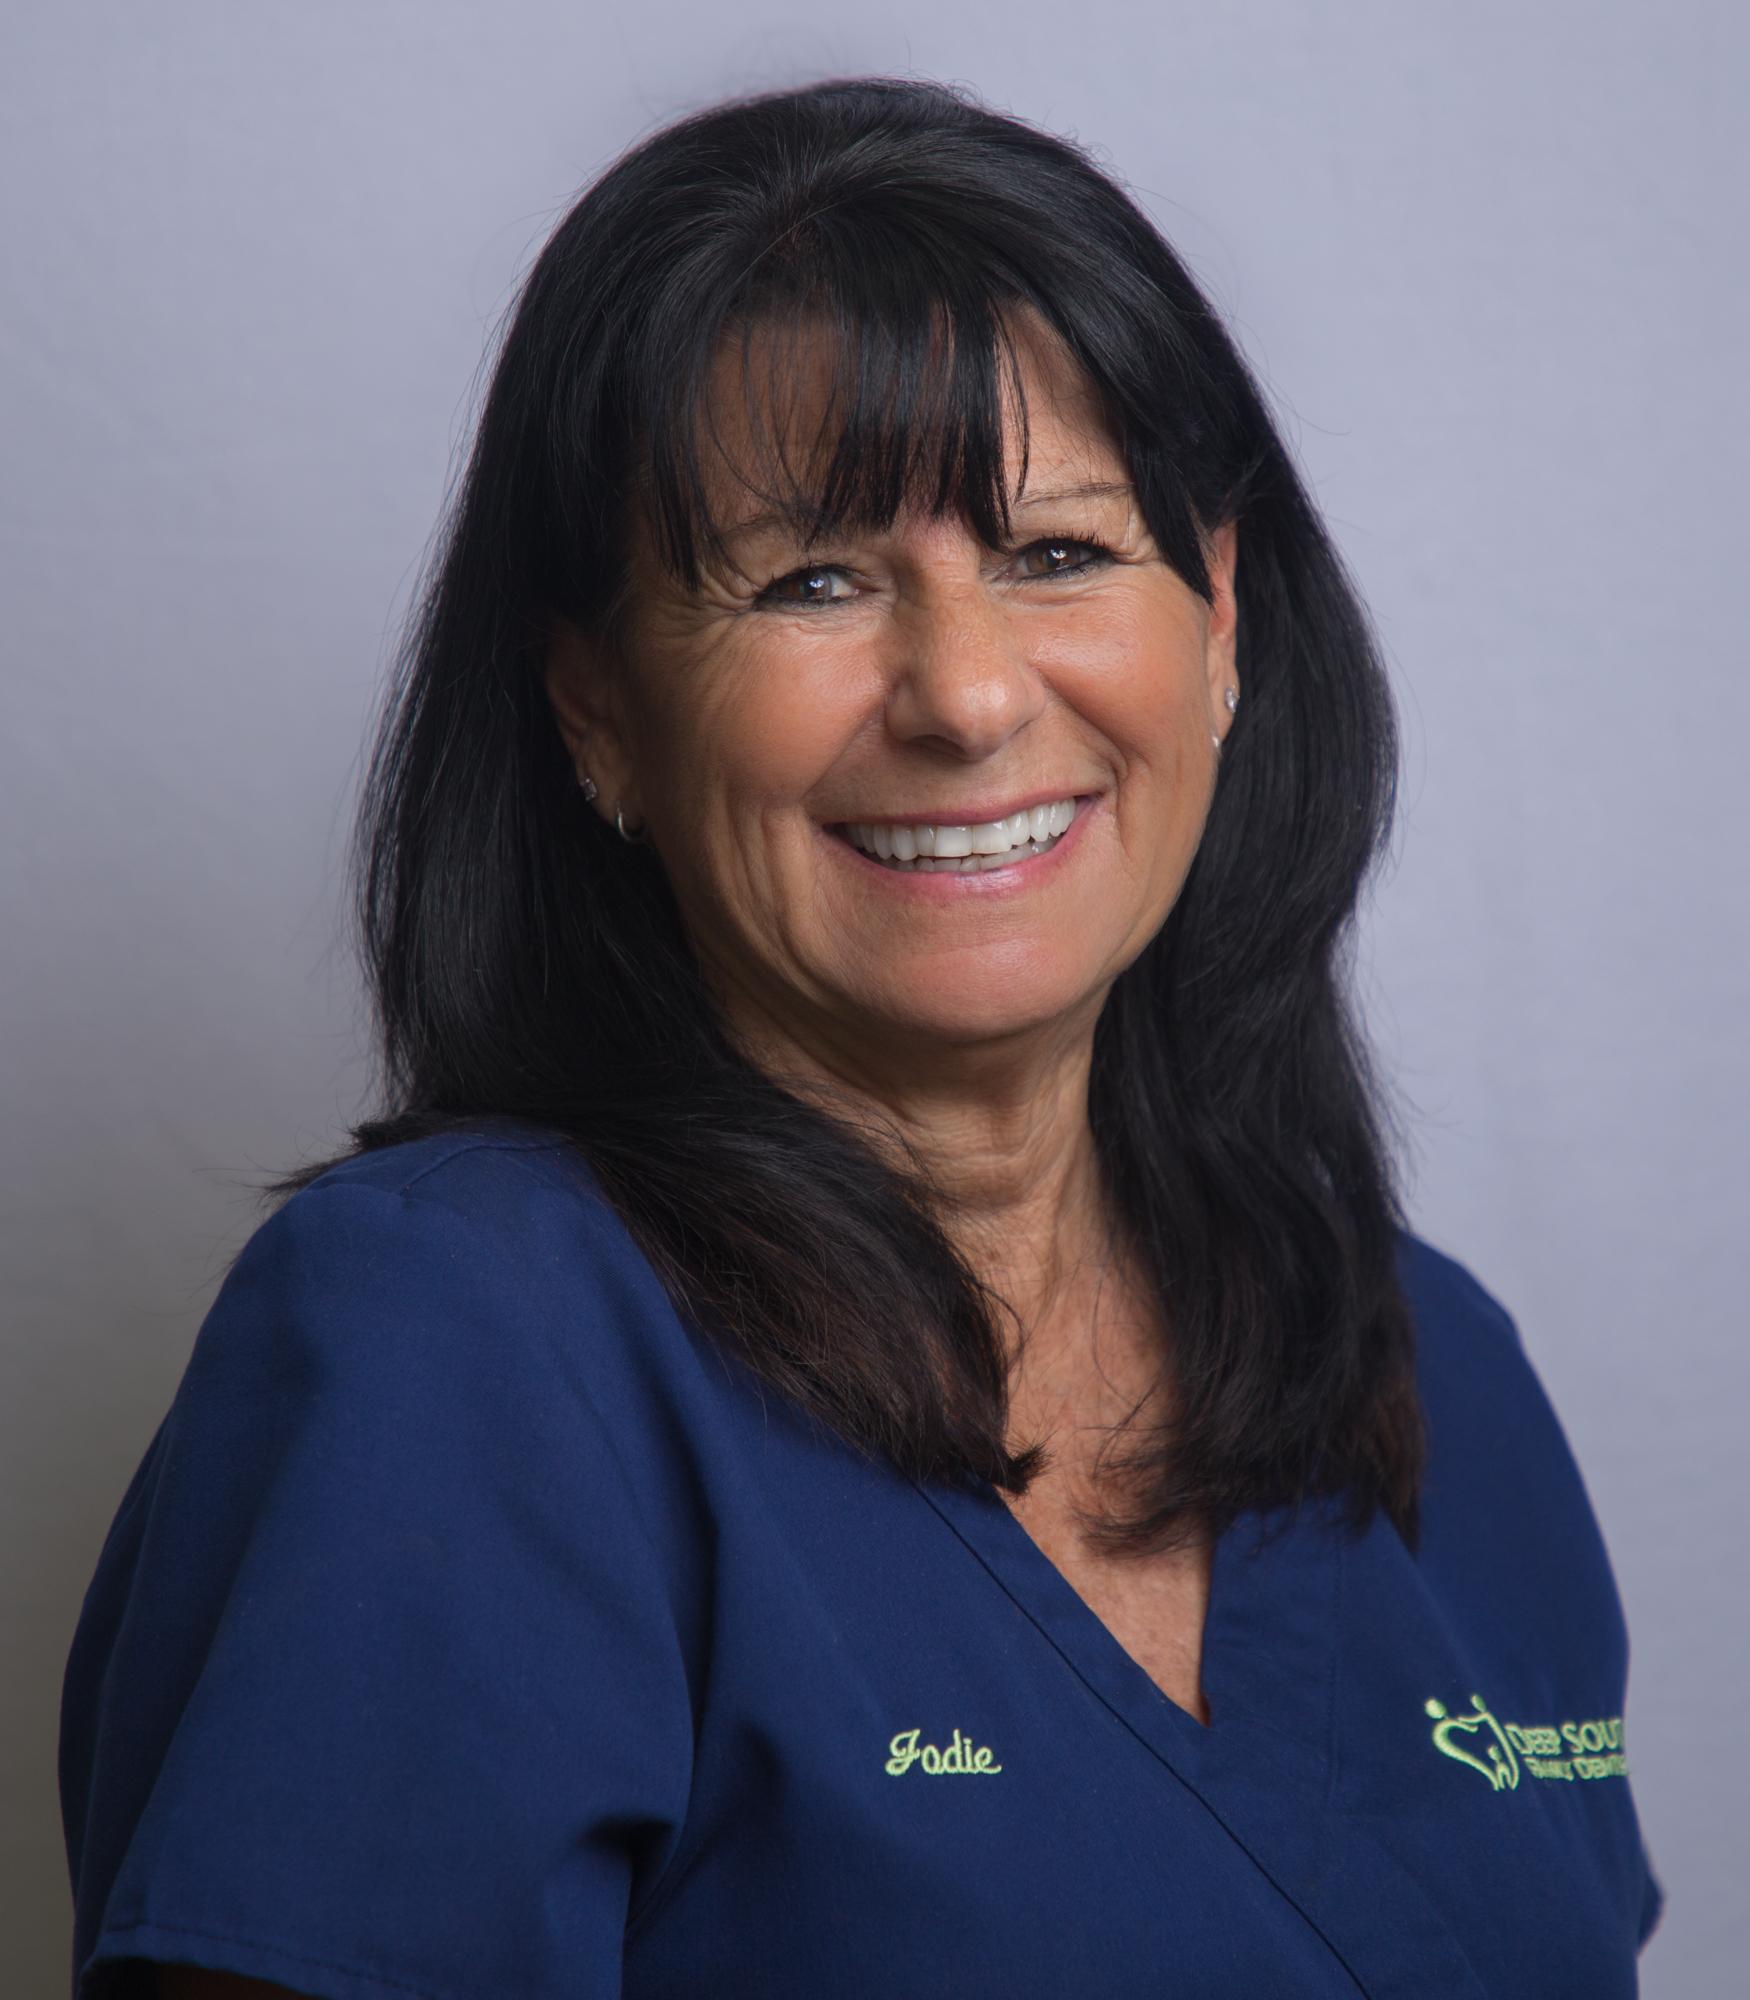 Jodie - Dental Hygienist